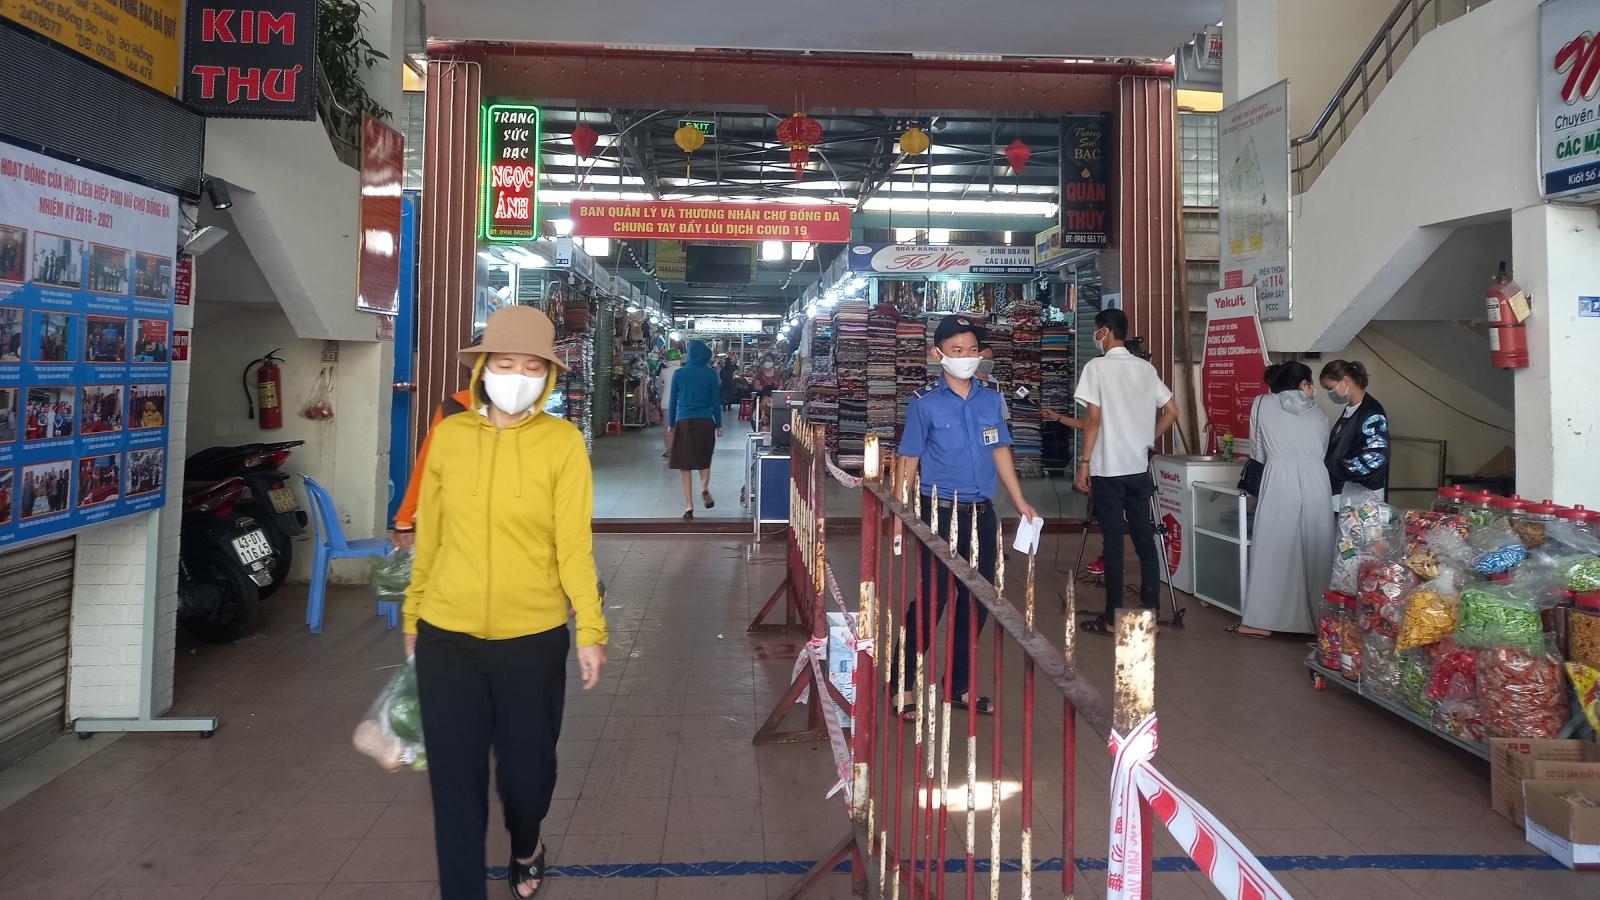 Người dân Đà Nẵng chia ngày đi chợ theo phiếu để phòng dịch